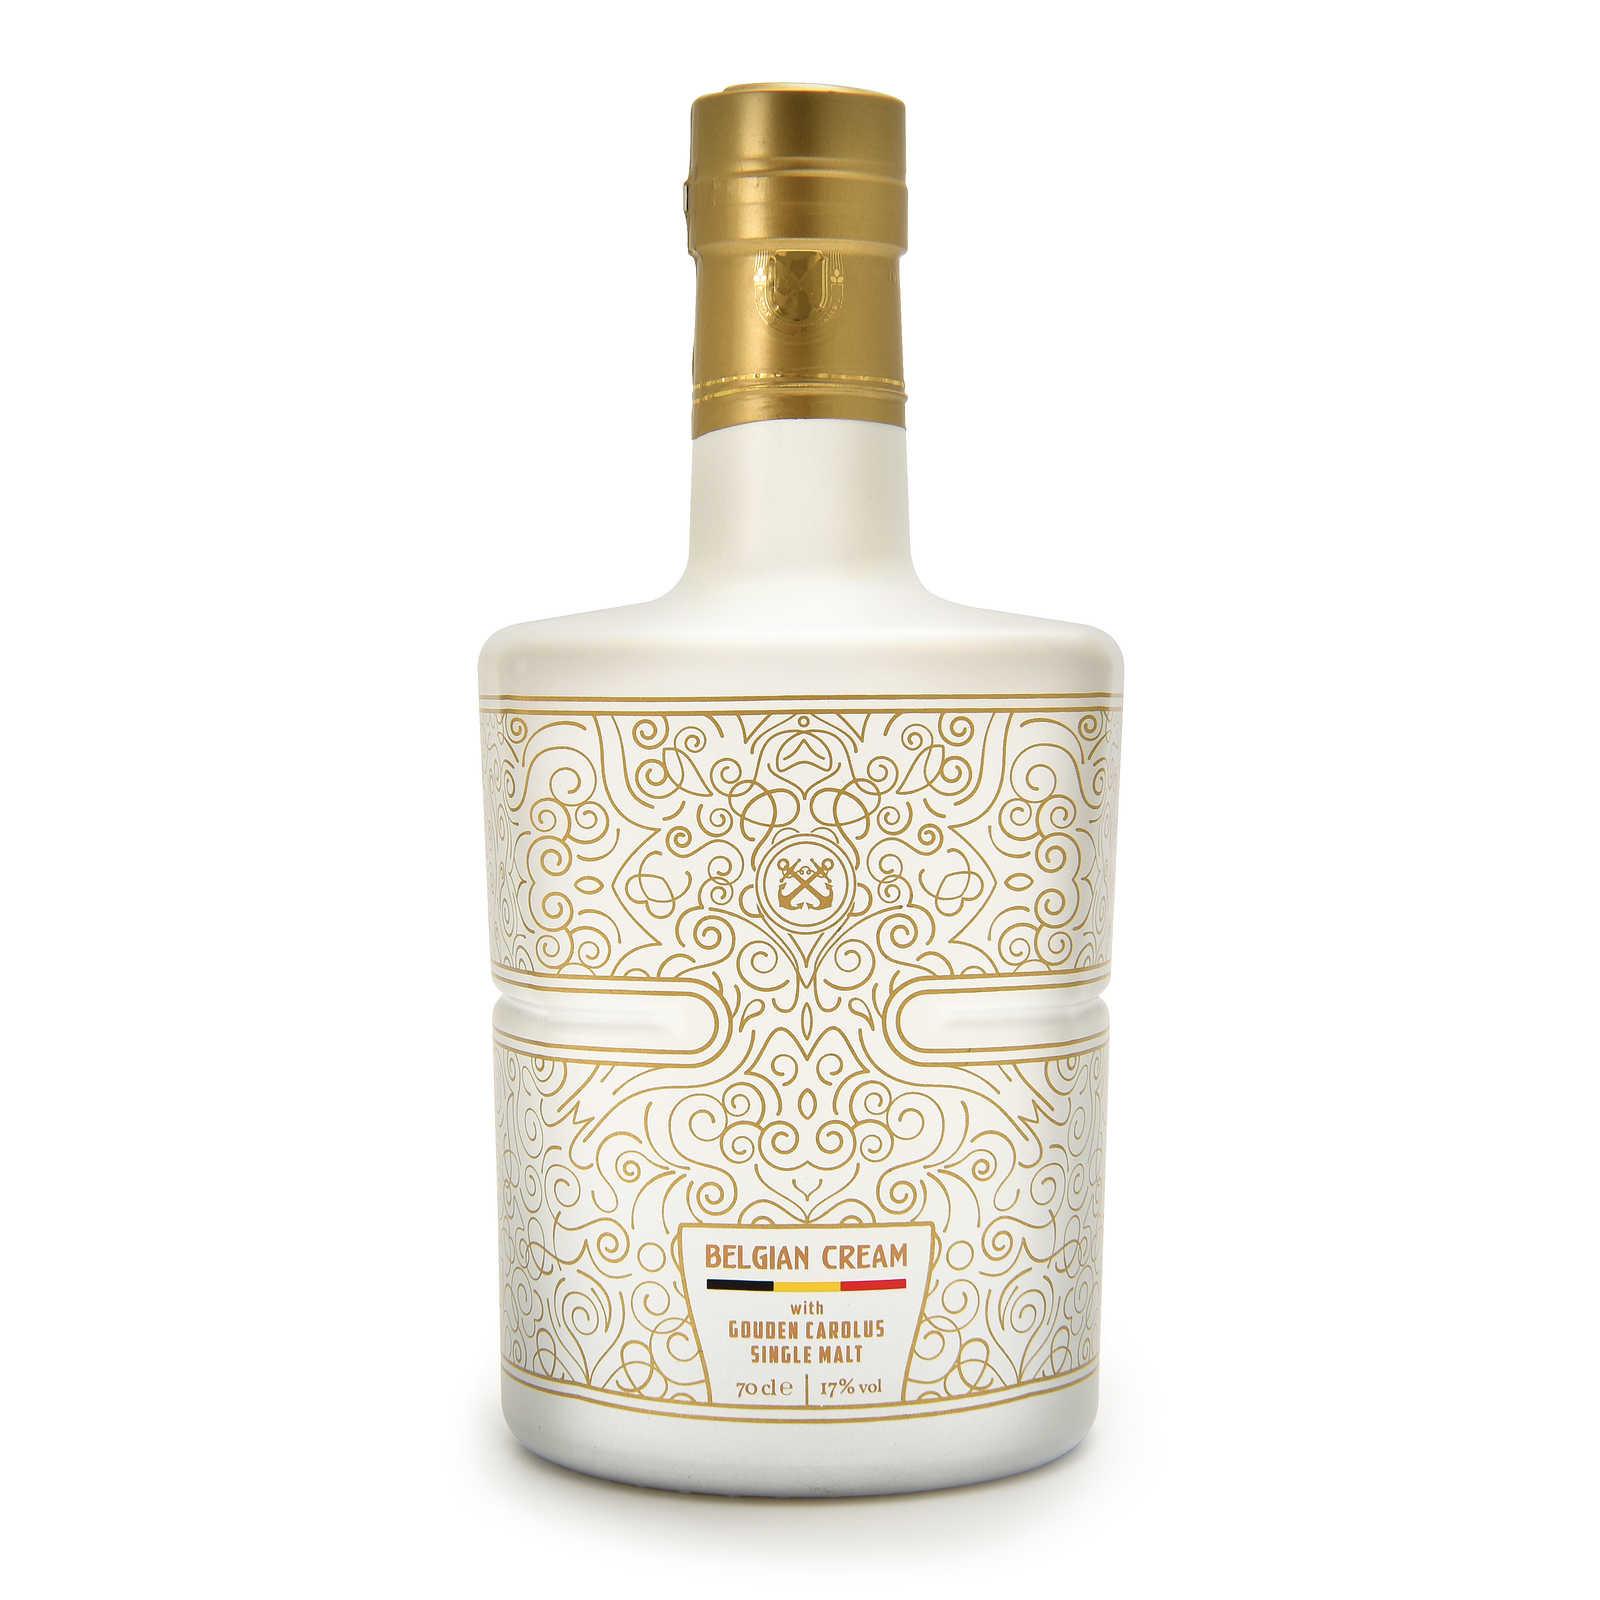 Belgian Cream met Gouden Carolus Single Malt Whisky - roomlikeur - Brouwerij Het Anker - 70cl - 17%